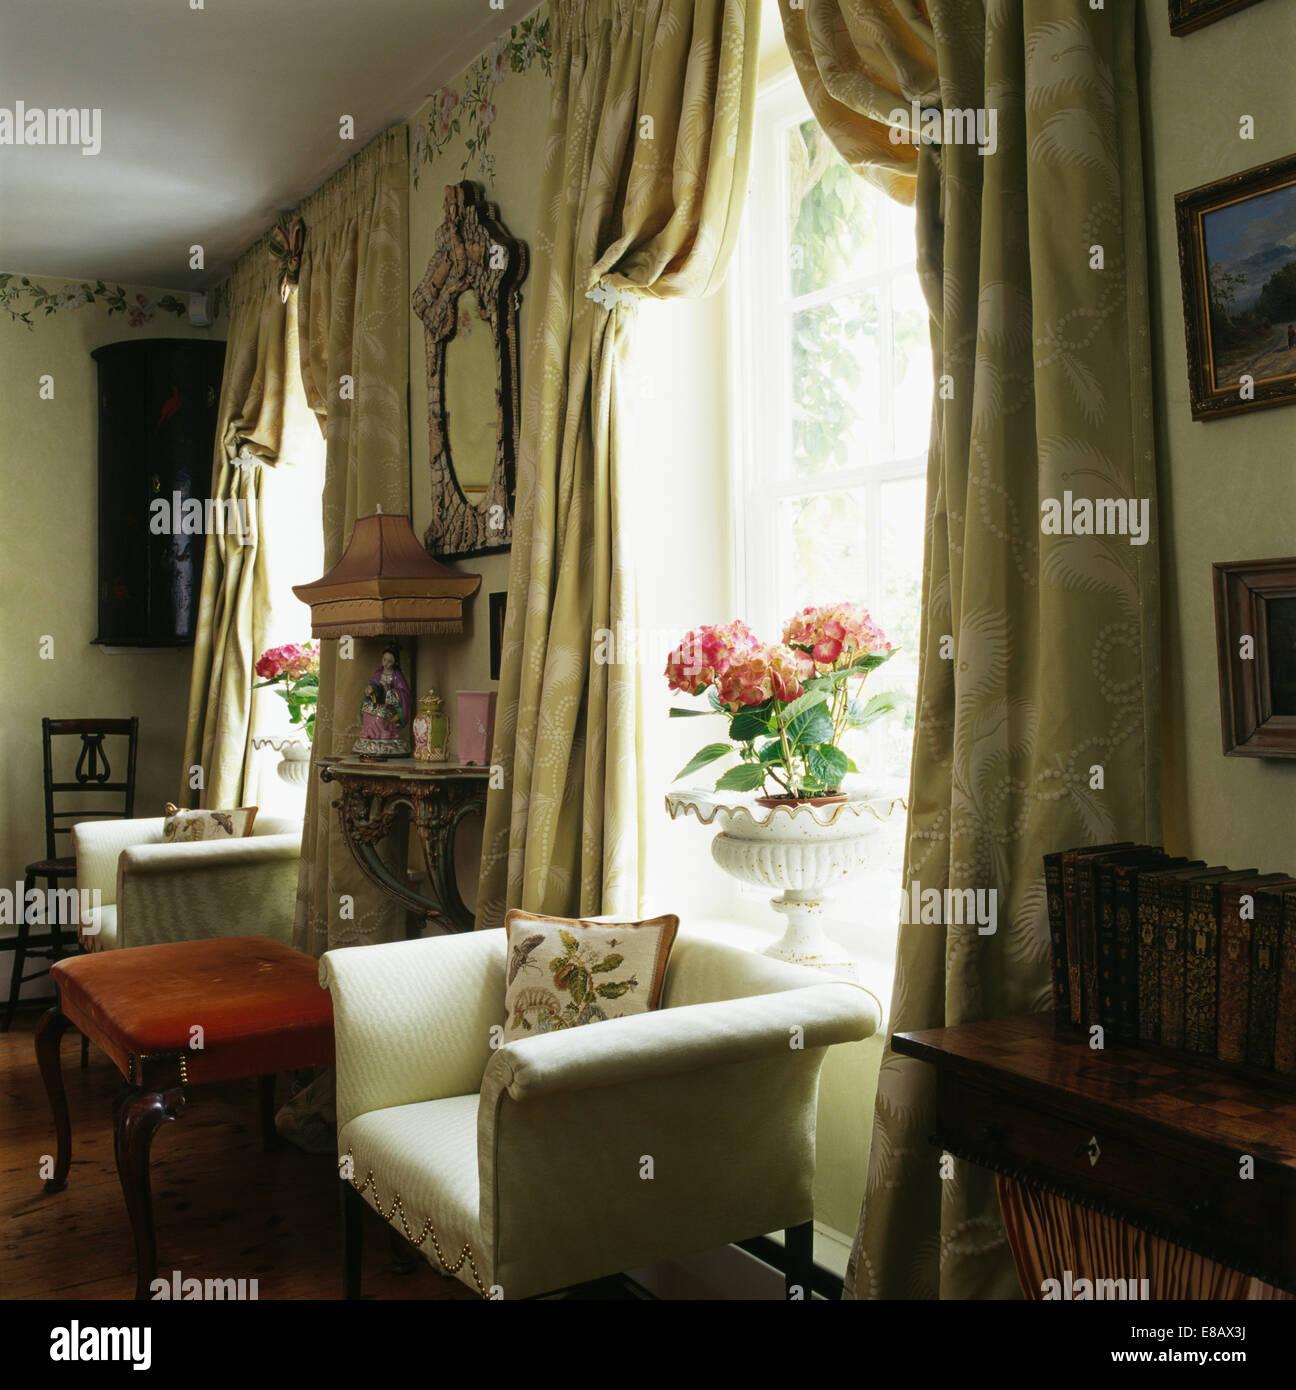 Cremefarbene Sessel Vor Fenster Mit Schweren Seidengardinen In Land Wohnzimmer